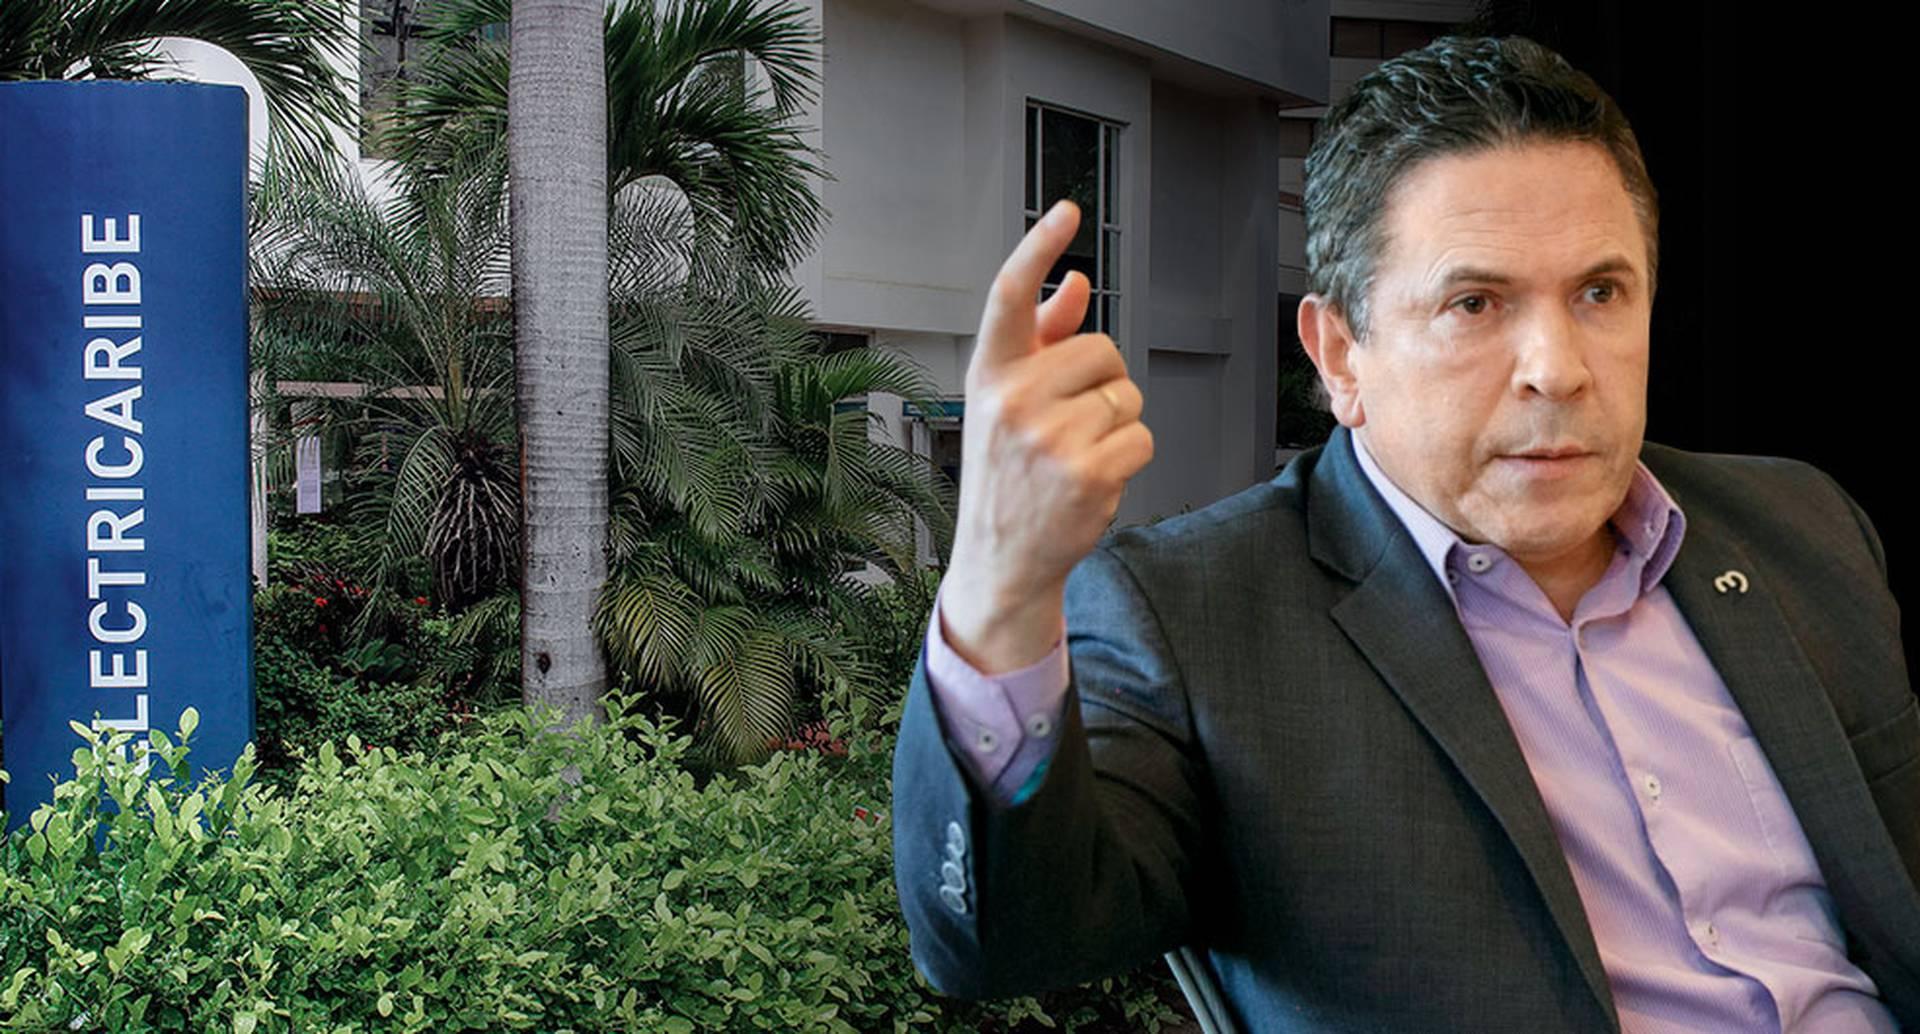 EPM invertirá, en diez años, cerca de 8 billones de pesos en Caribe Mar, de acuerdo con el gerente de esta empresa, Álvaro Rendón. Llevará el esquema de compra de energía prepago.